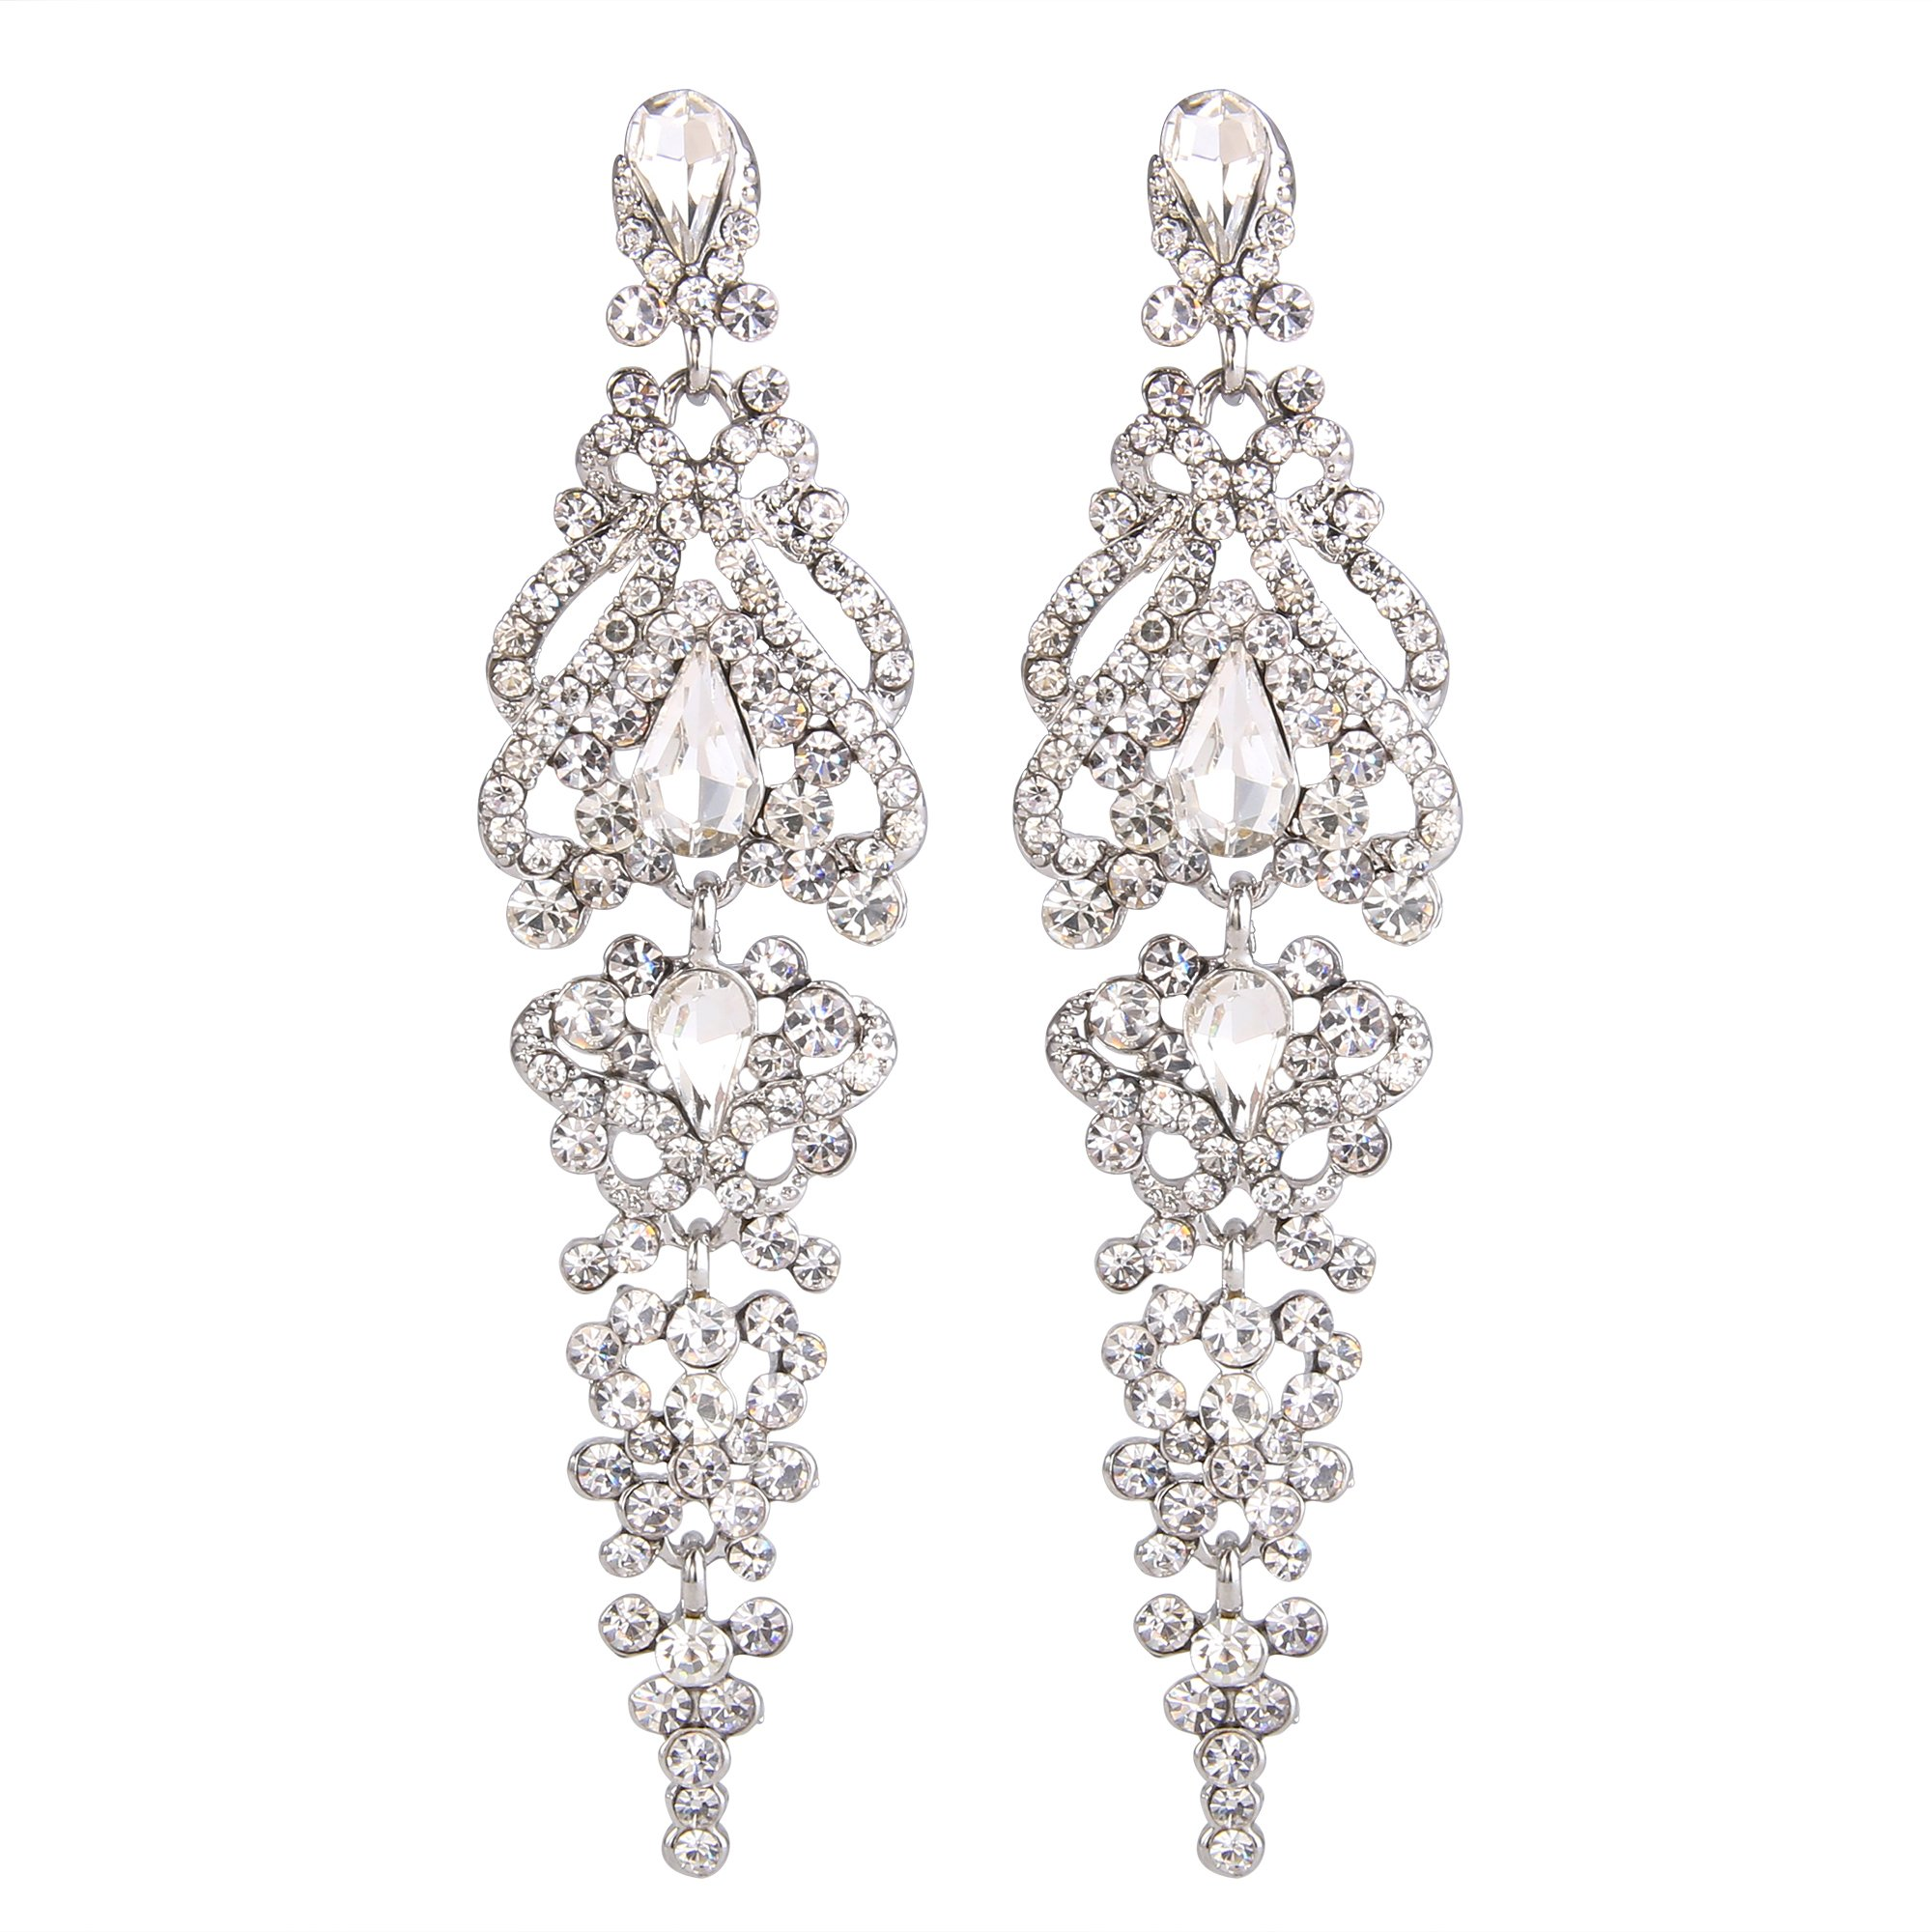 BriLove Silver-Tone Dangle Earrings for Women Wedding Bridal Crystal Cluster Teardrop Earrings Clear